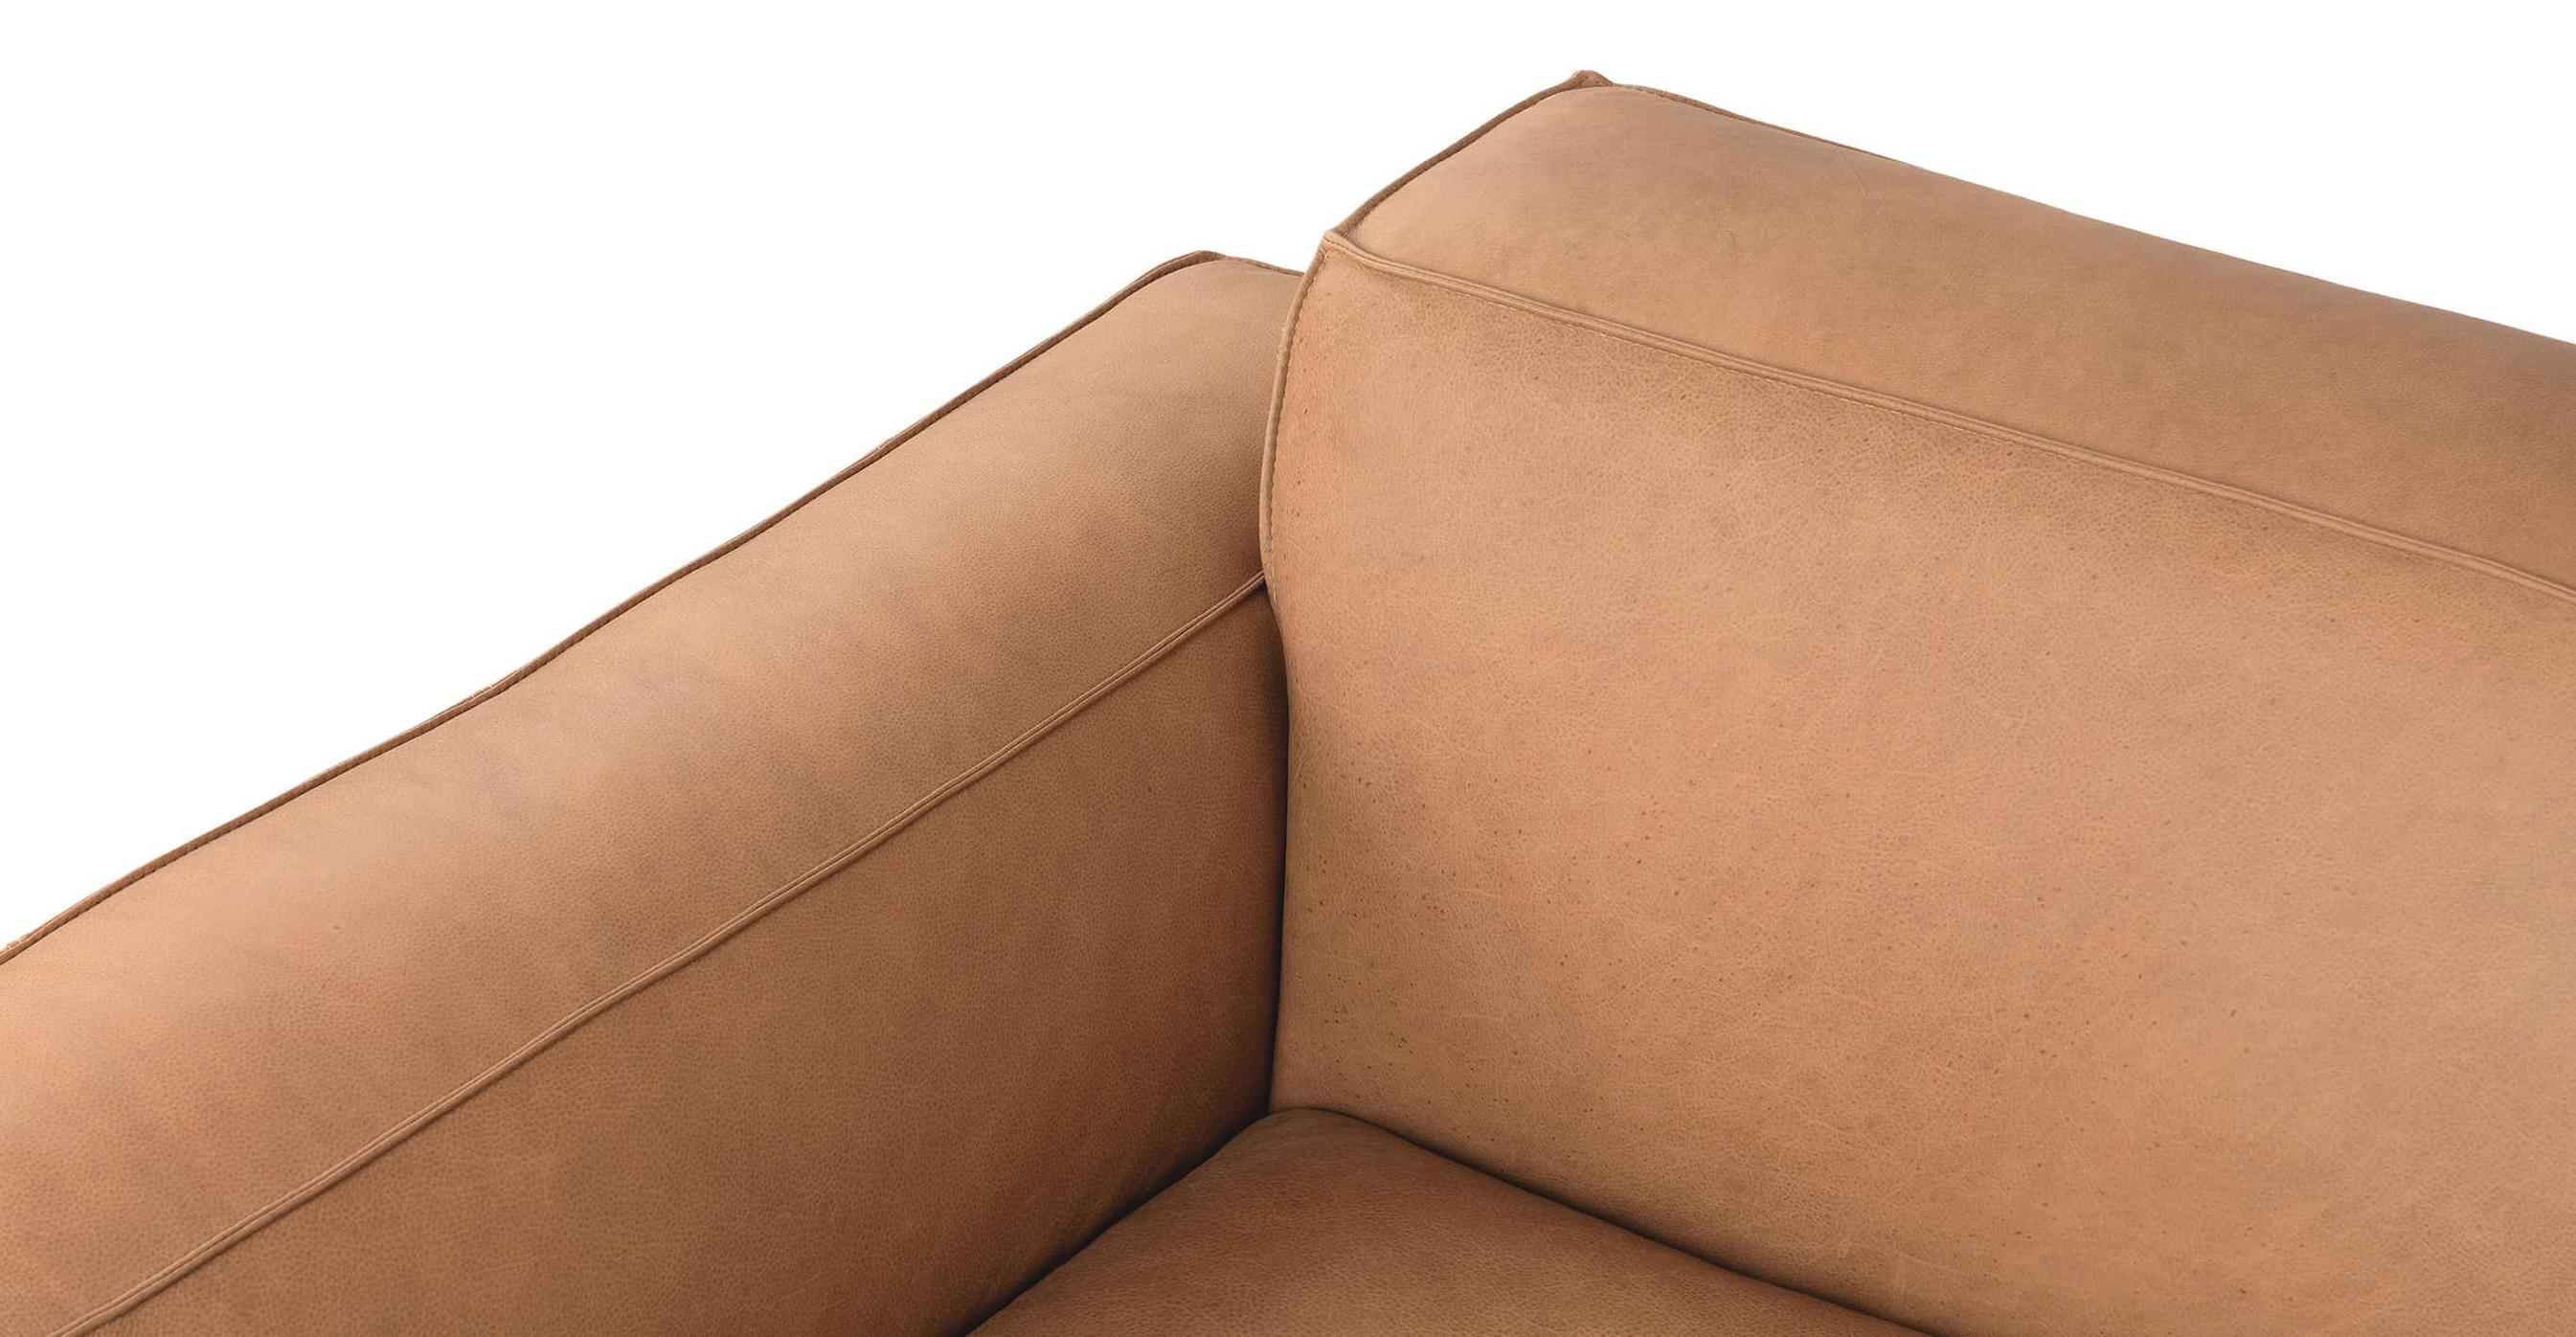 Ghế Sofa bọc da gỗ tự nhiên 3 chỗ ngồi Sketch2/9